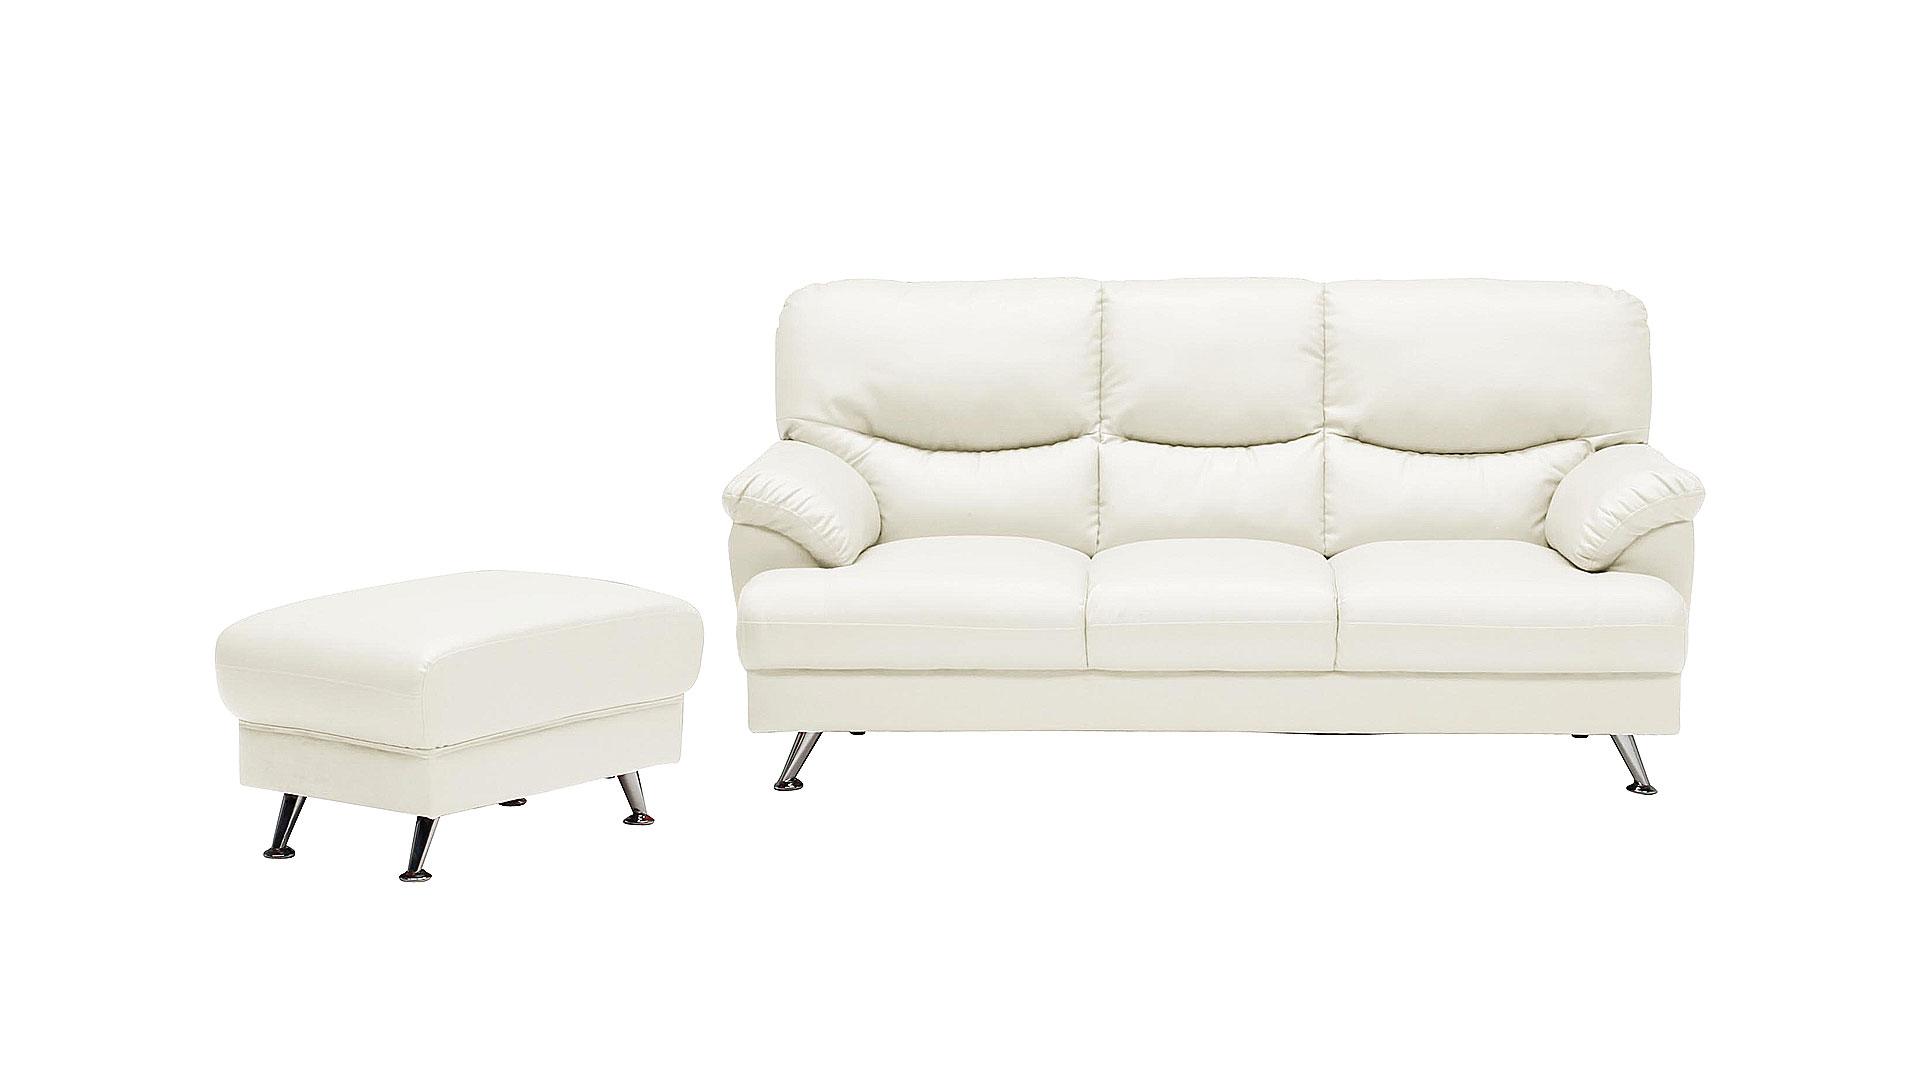 リビンズの三人掛けソファ「セリート」のWHとスツール